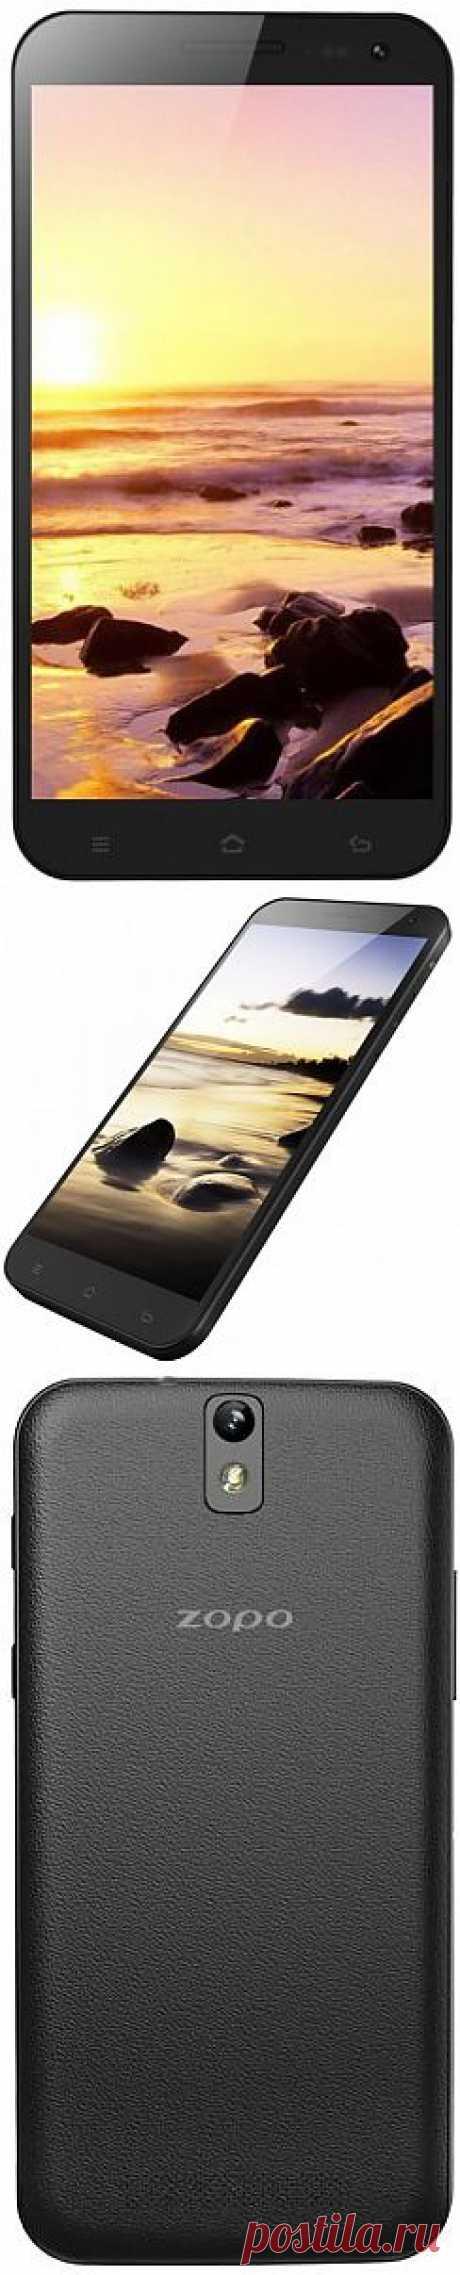 (+1) тема - Zopo анонсировала смартфон ZP998 на платформе MediaTek MT6592   Мобильные новости